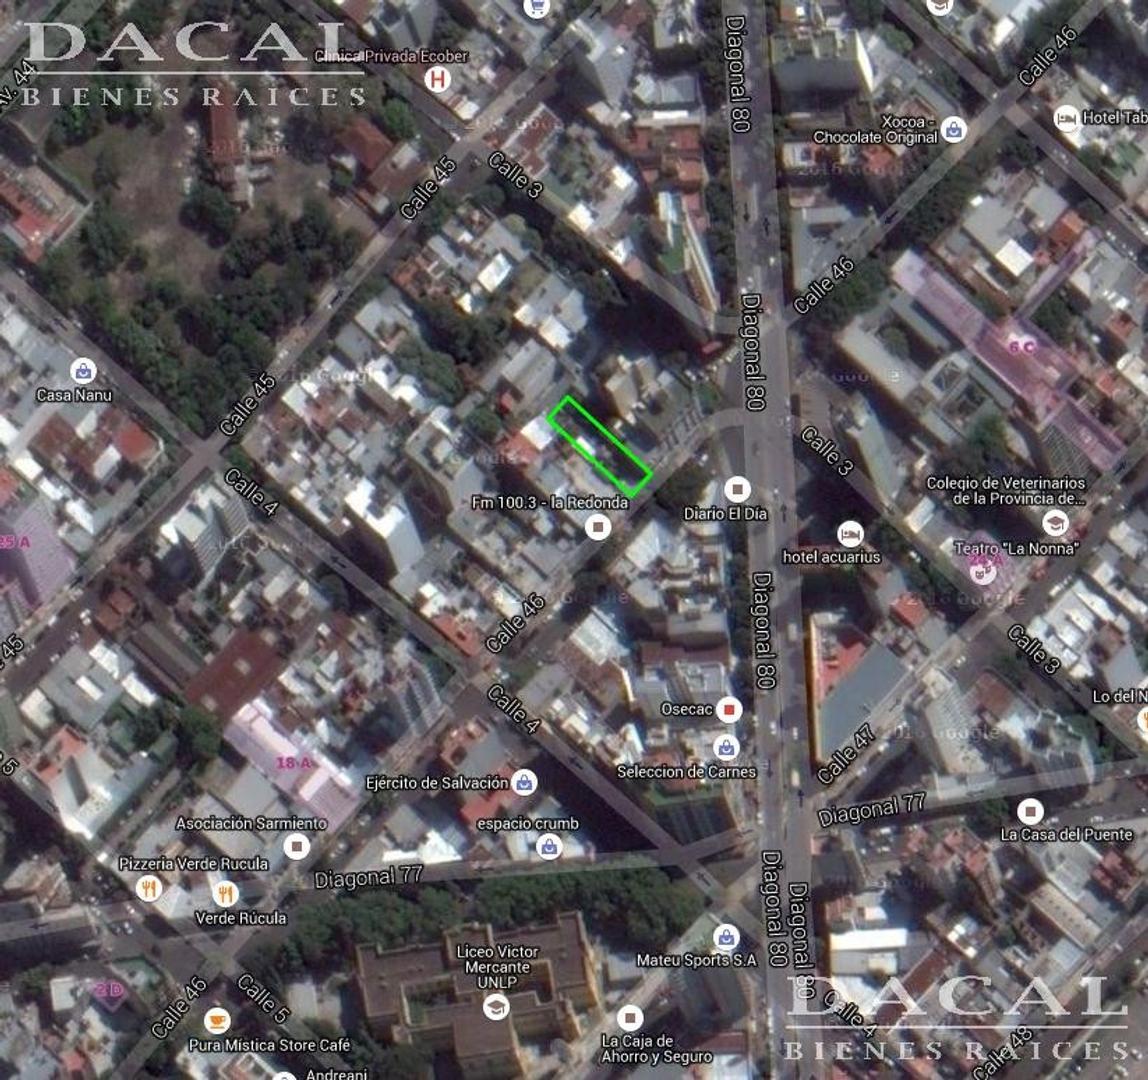 Lote en Venta La Plata Calle 46 e/ 3 y 4 Dacal Bienes Raices